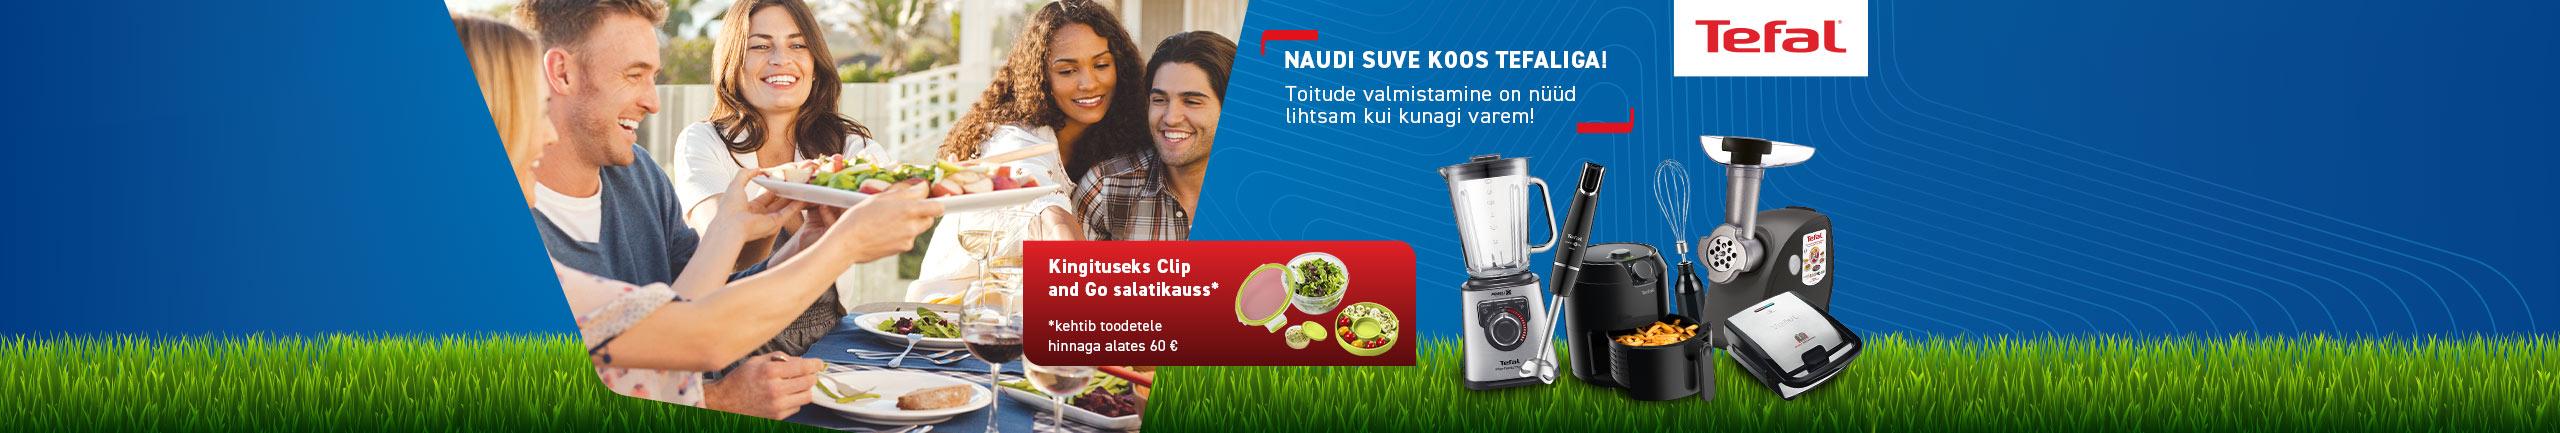 Tefali köögiseadmetega kingituseks Clip and Go salatikauss!